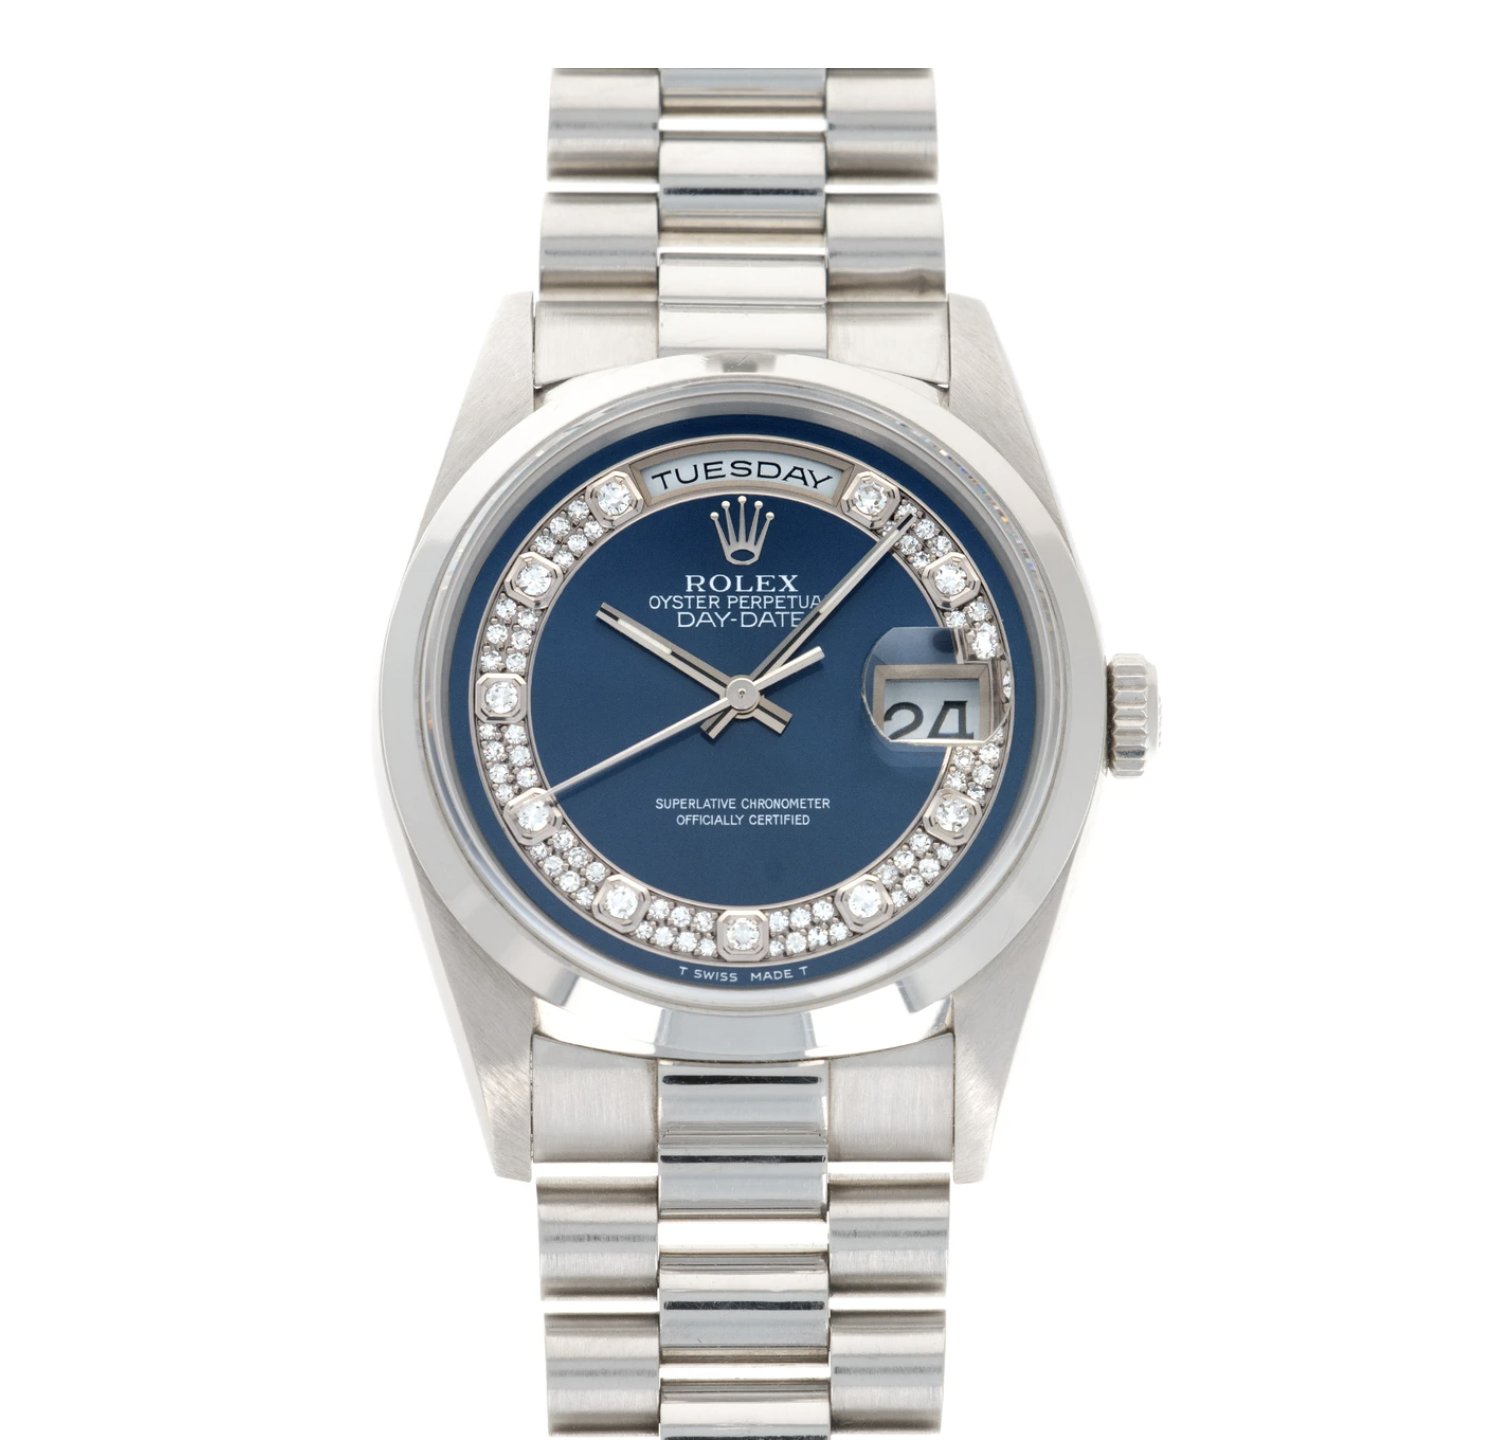 Rolex Day Date ref 18206 en platino